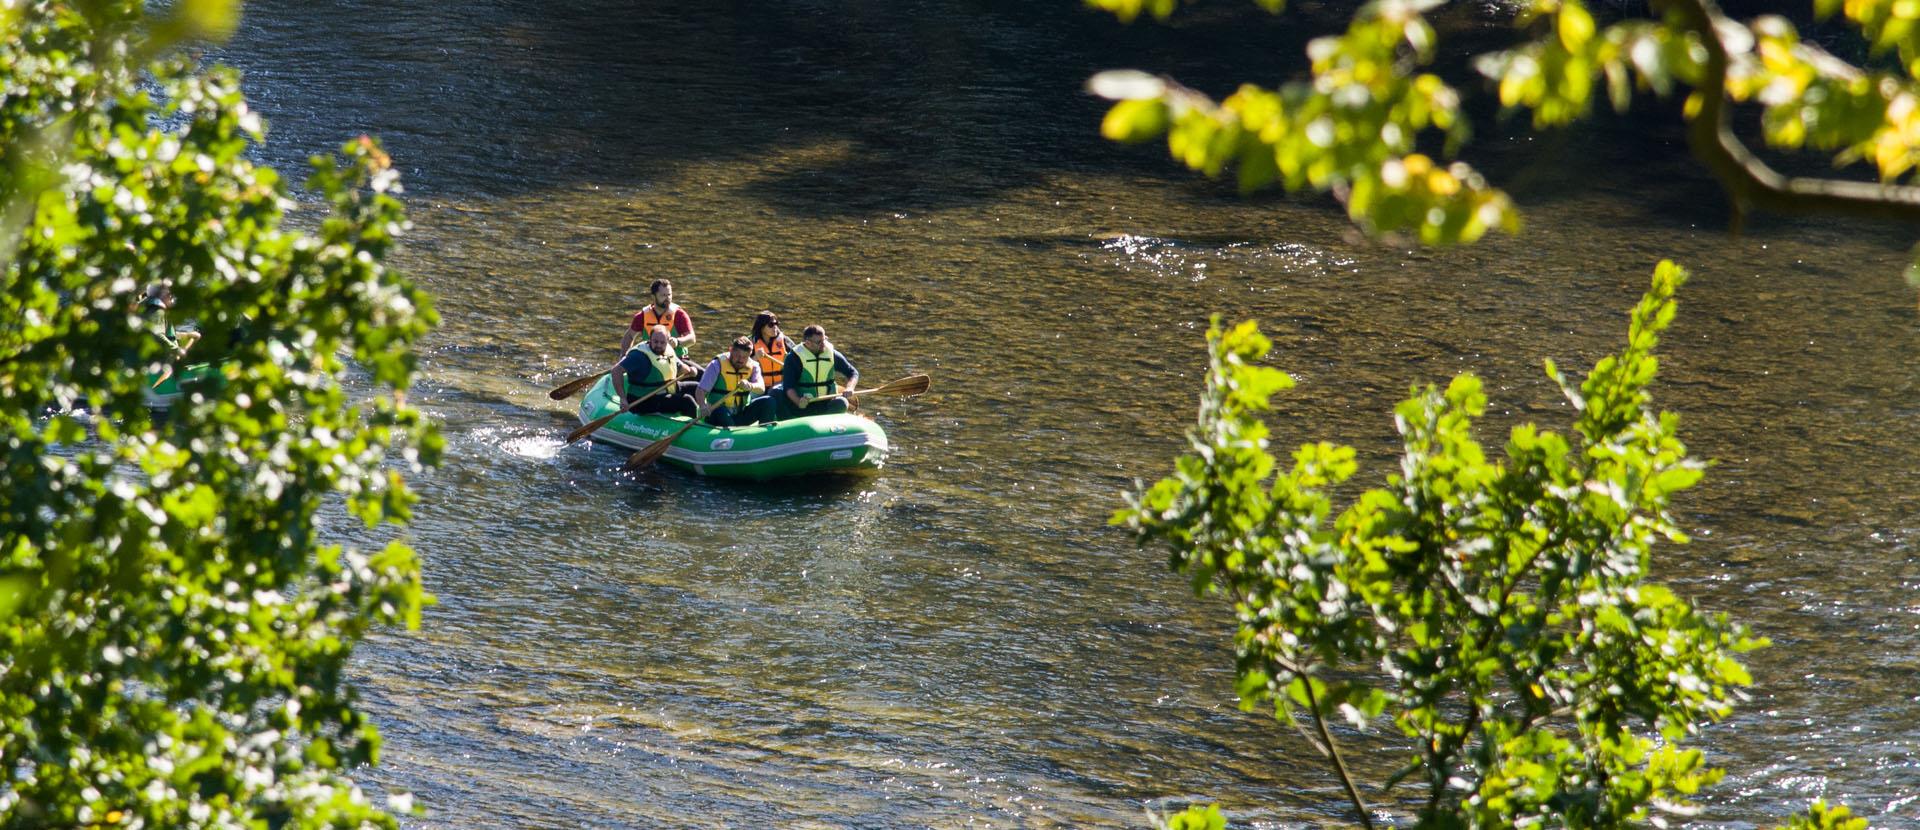 Spływy Pontonowe w Bieszczadach - Trasy | Niecodzienny kontakt z piękną bieszczadzką naturą.